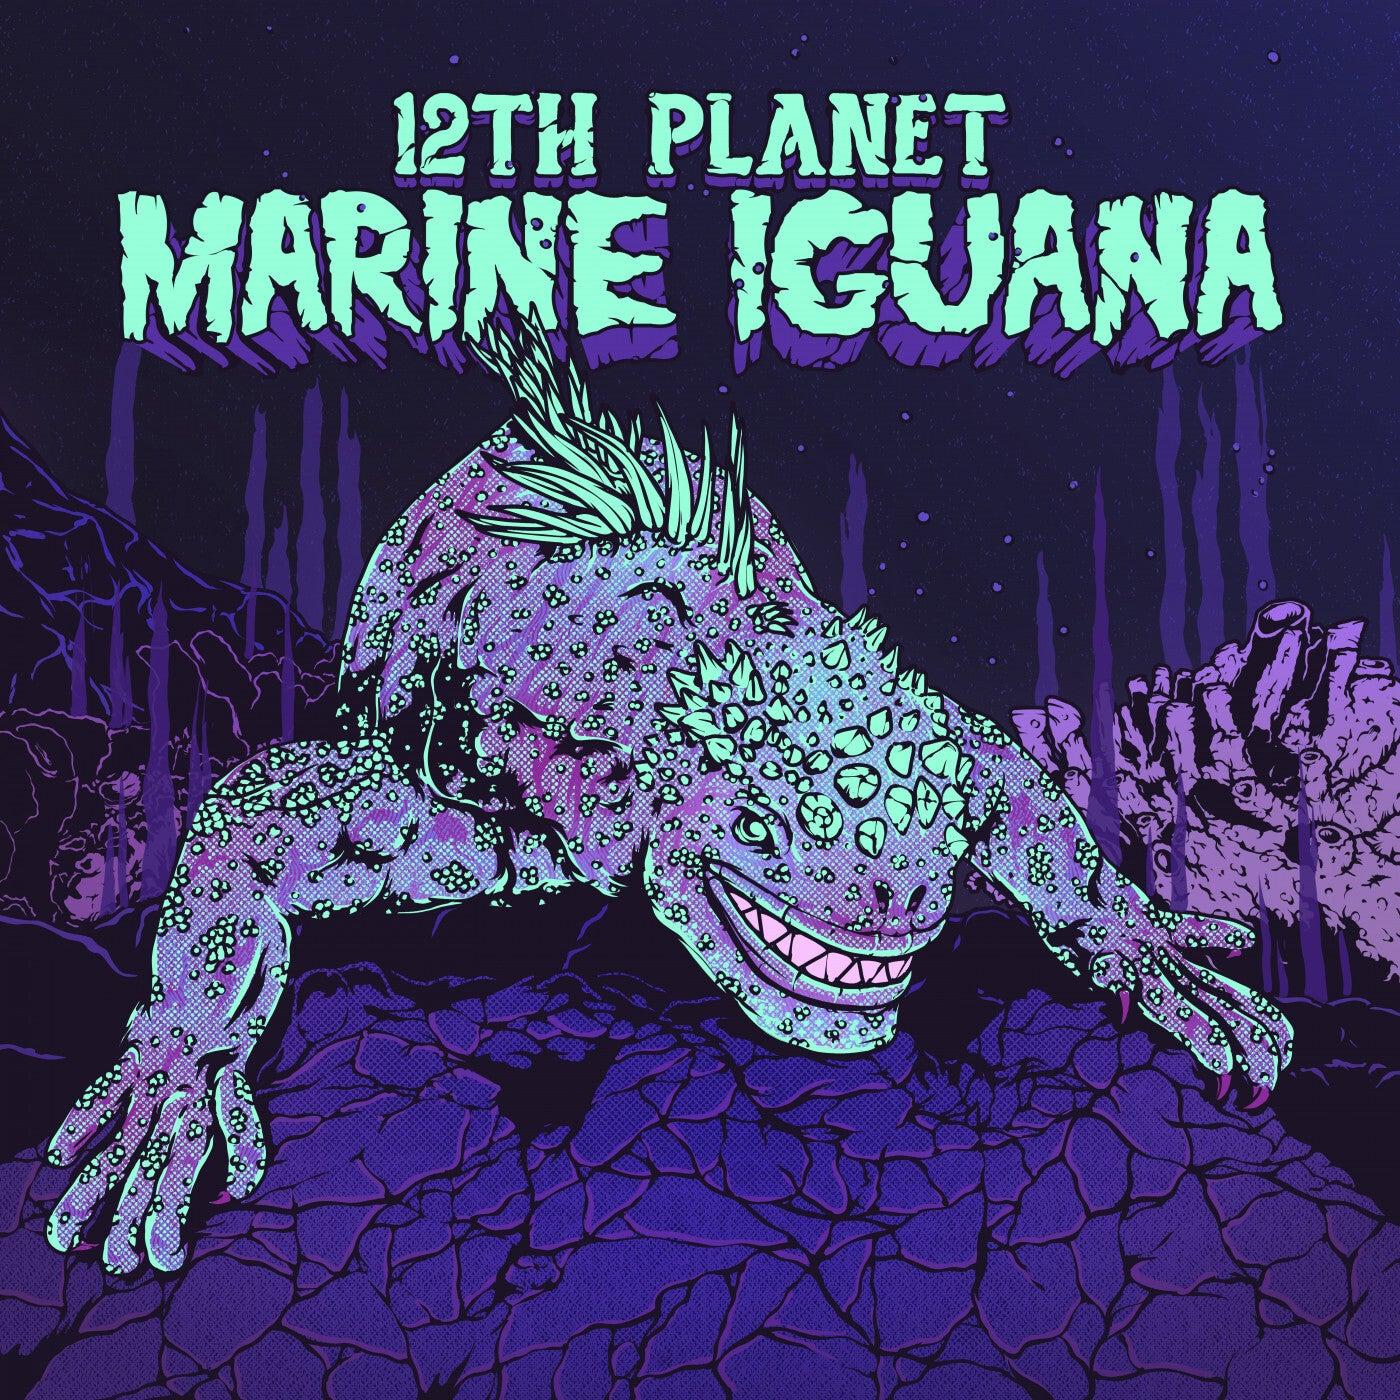 Marine Iguana (Original Mix)